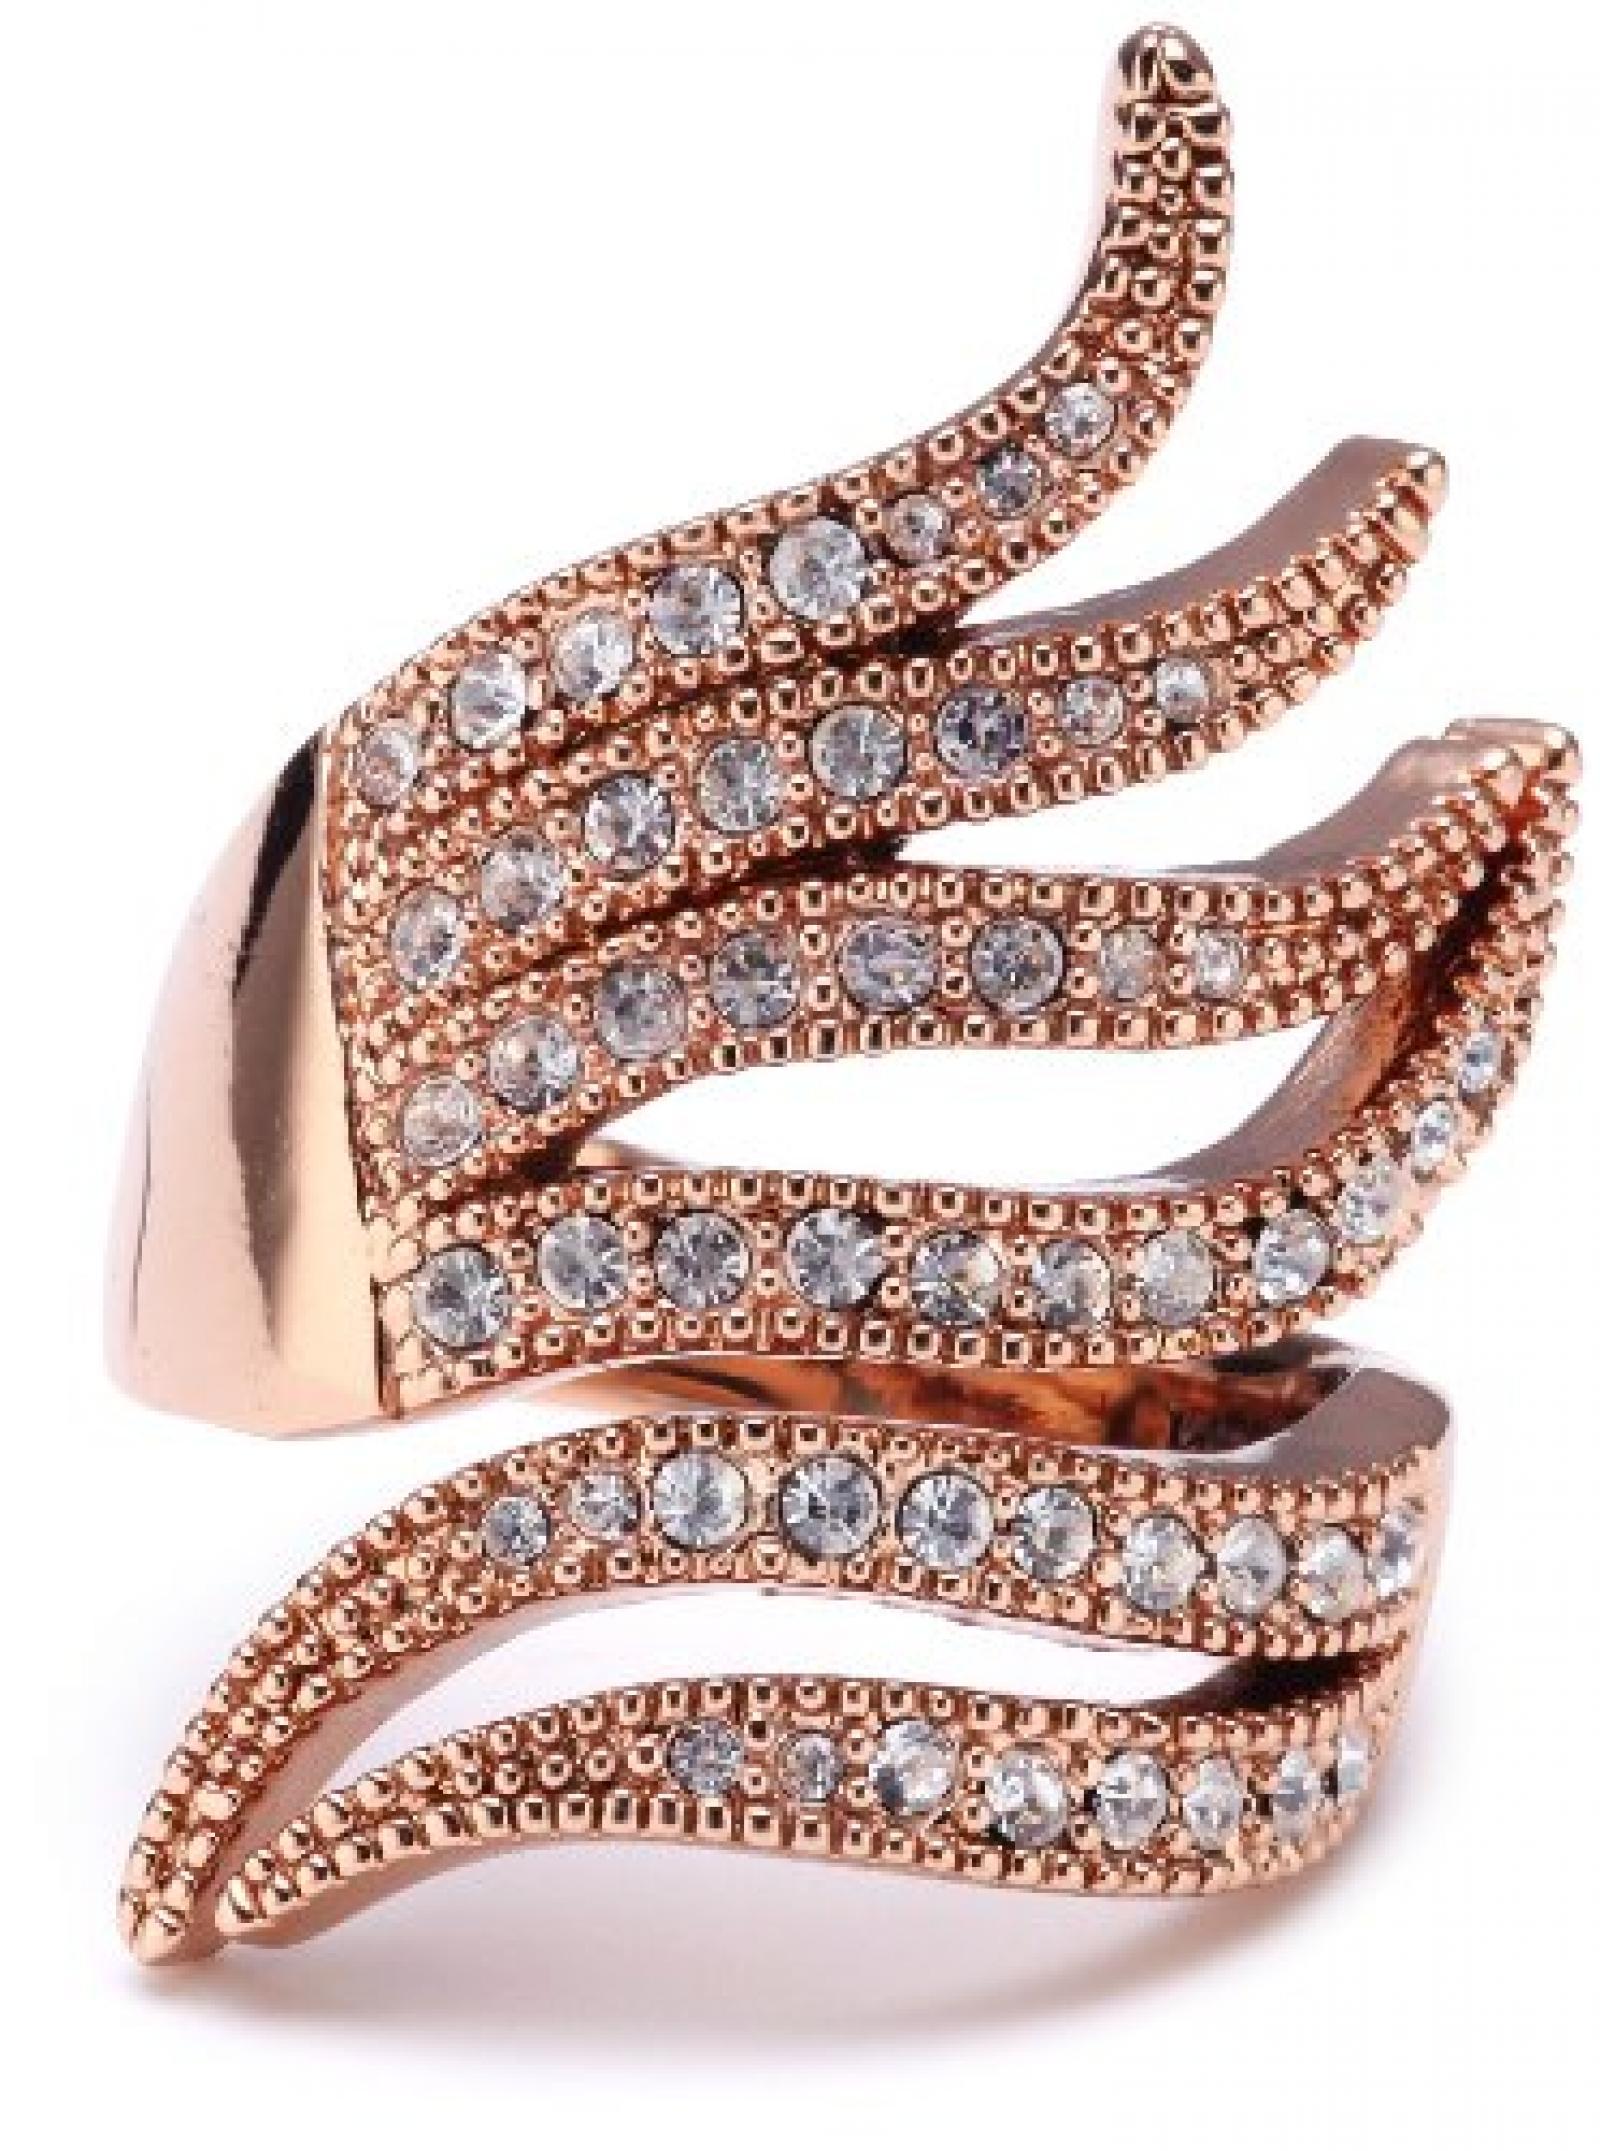 Pilgrim Jewelry Damen-Ring aus der Serie Ringe roségold beschichtet weiß 3.1 cm verstellbar Gr. 51-59 271314024